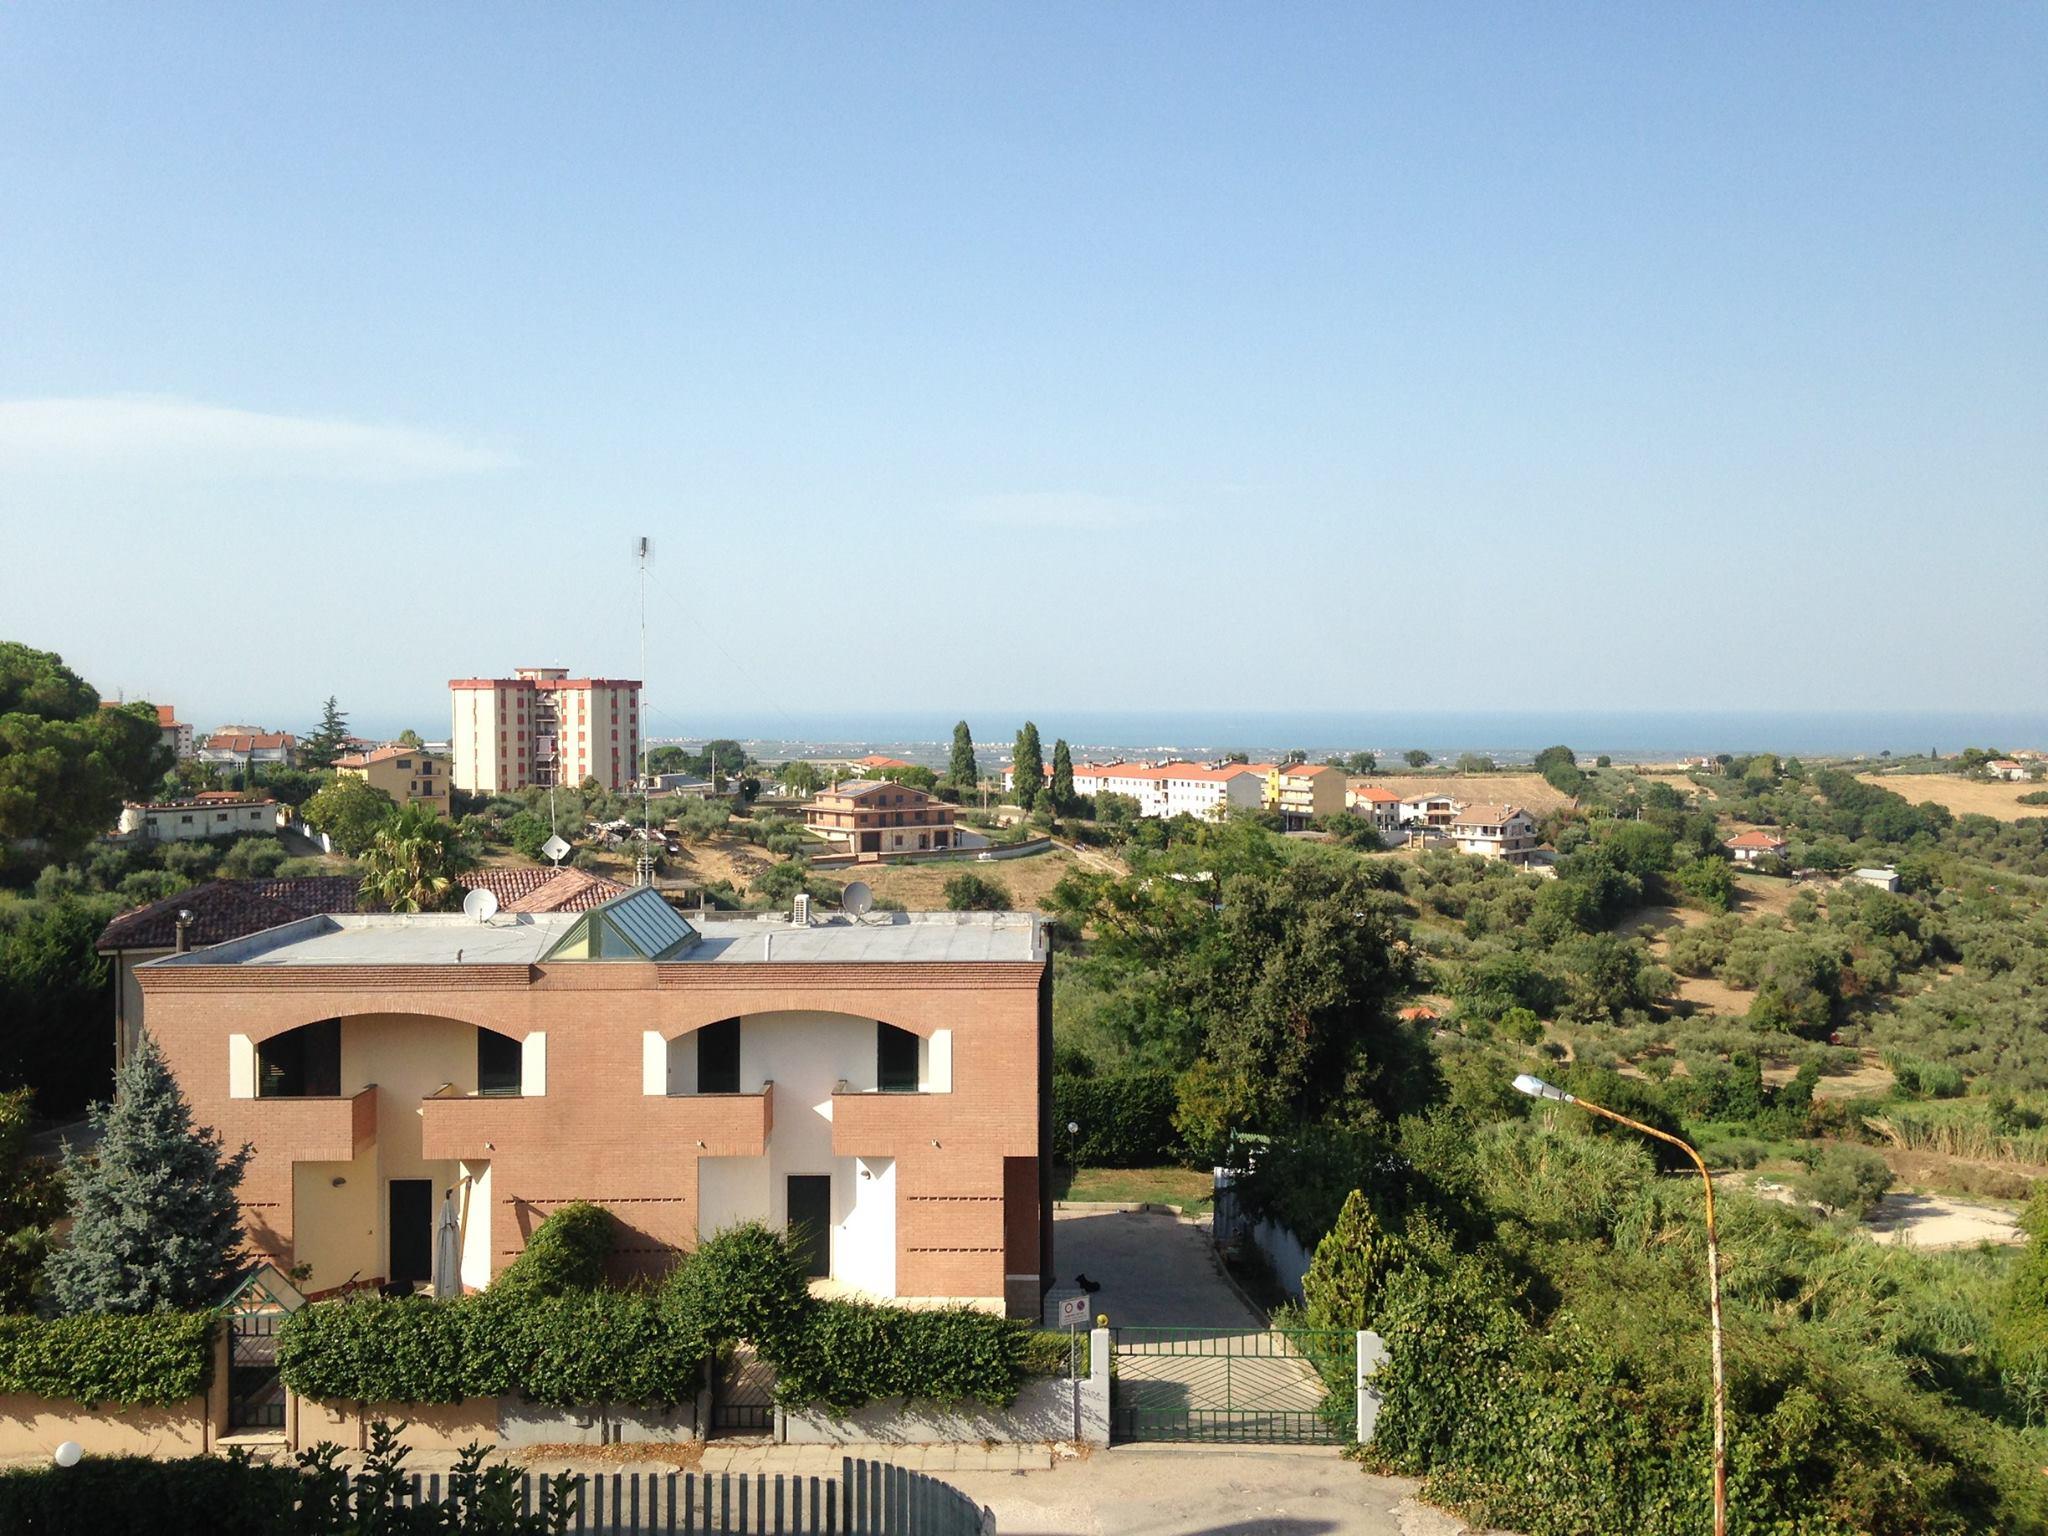 CASA SAN MARTINO IN PENSILIS BIFAMILIARE ARCHITETTO TRAVAGLINI (1)